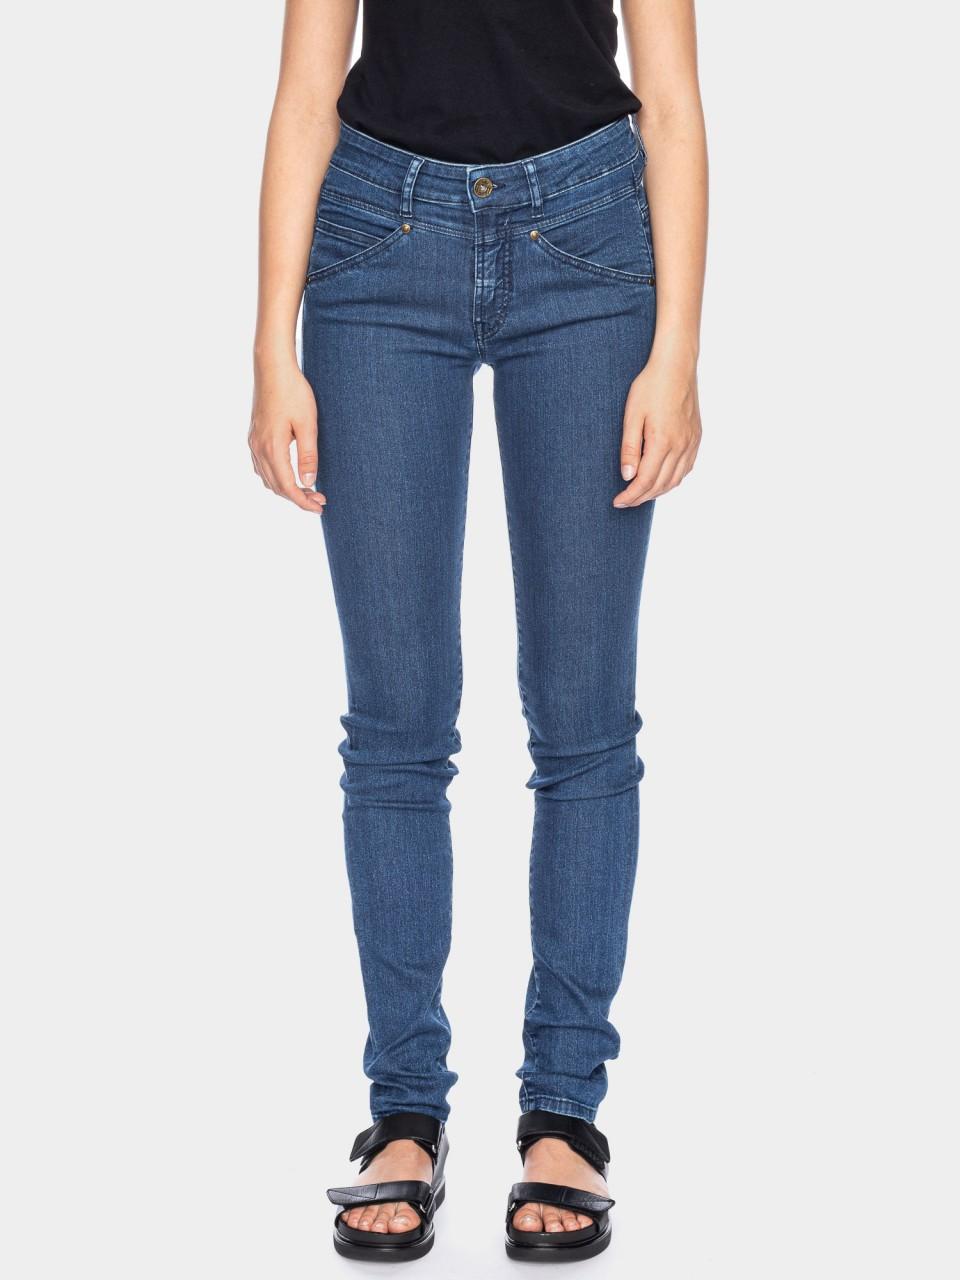 Jeans Kandy GOTS KR8881 BL USD